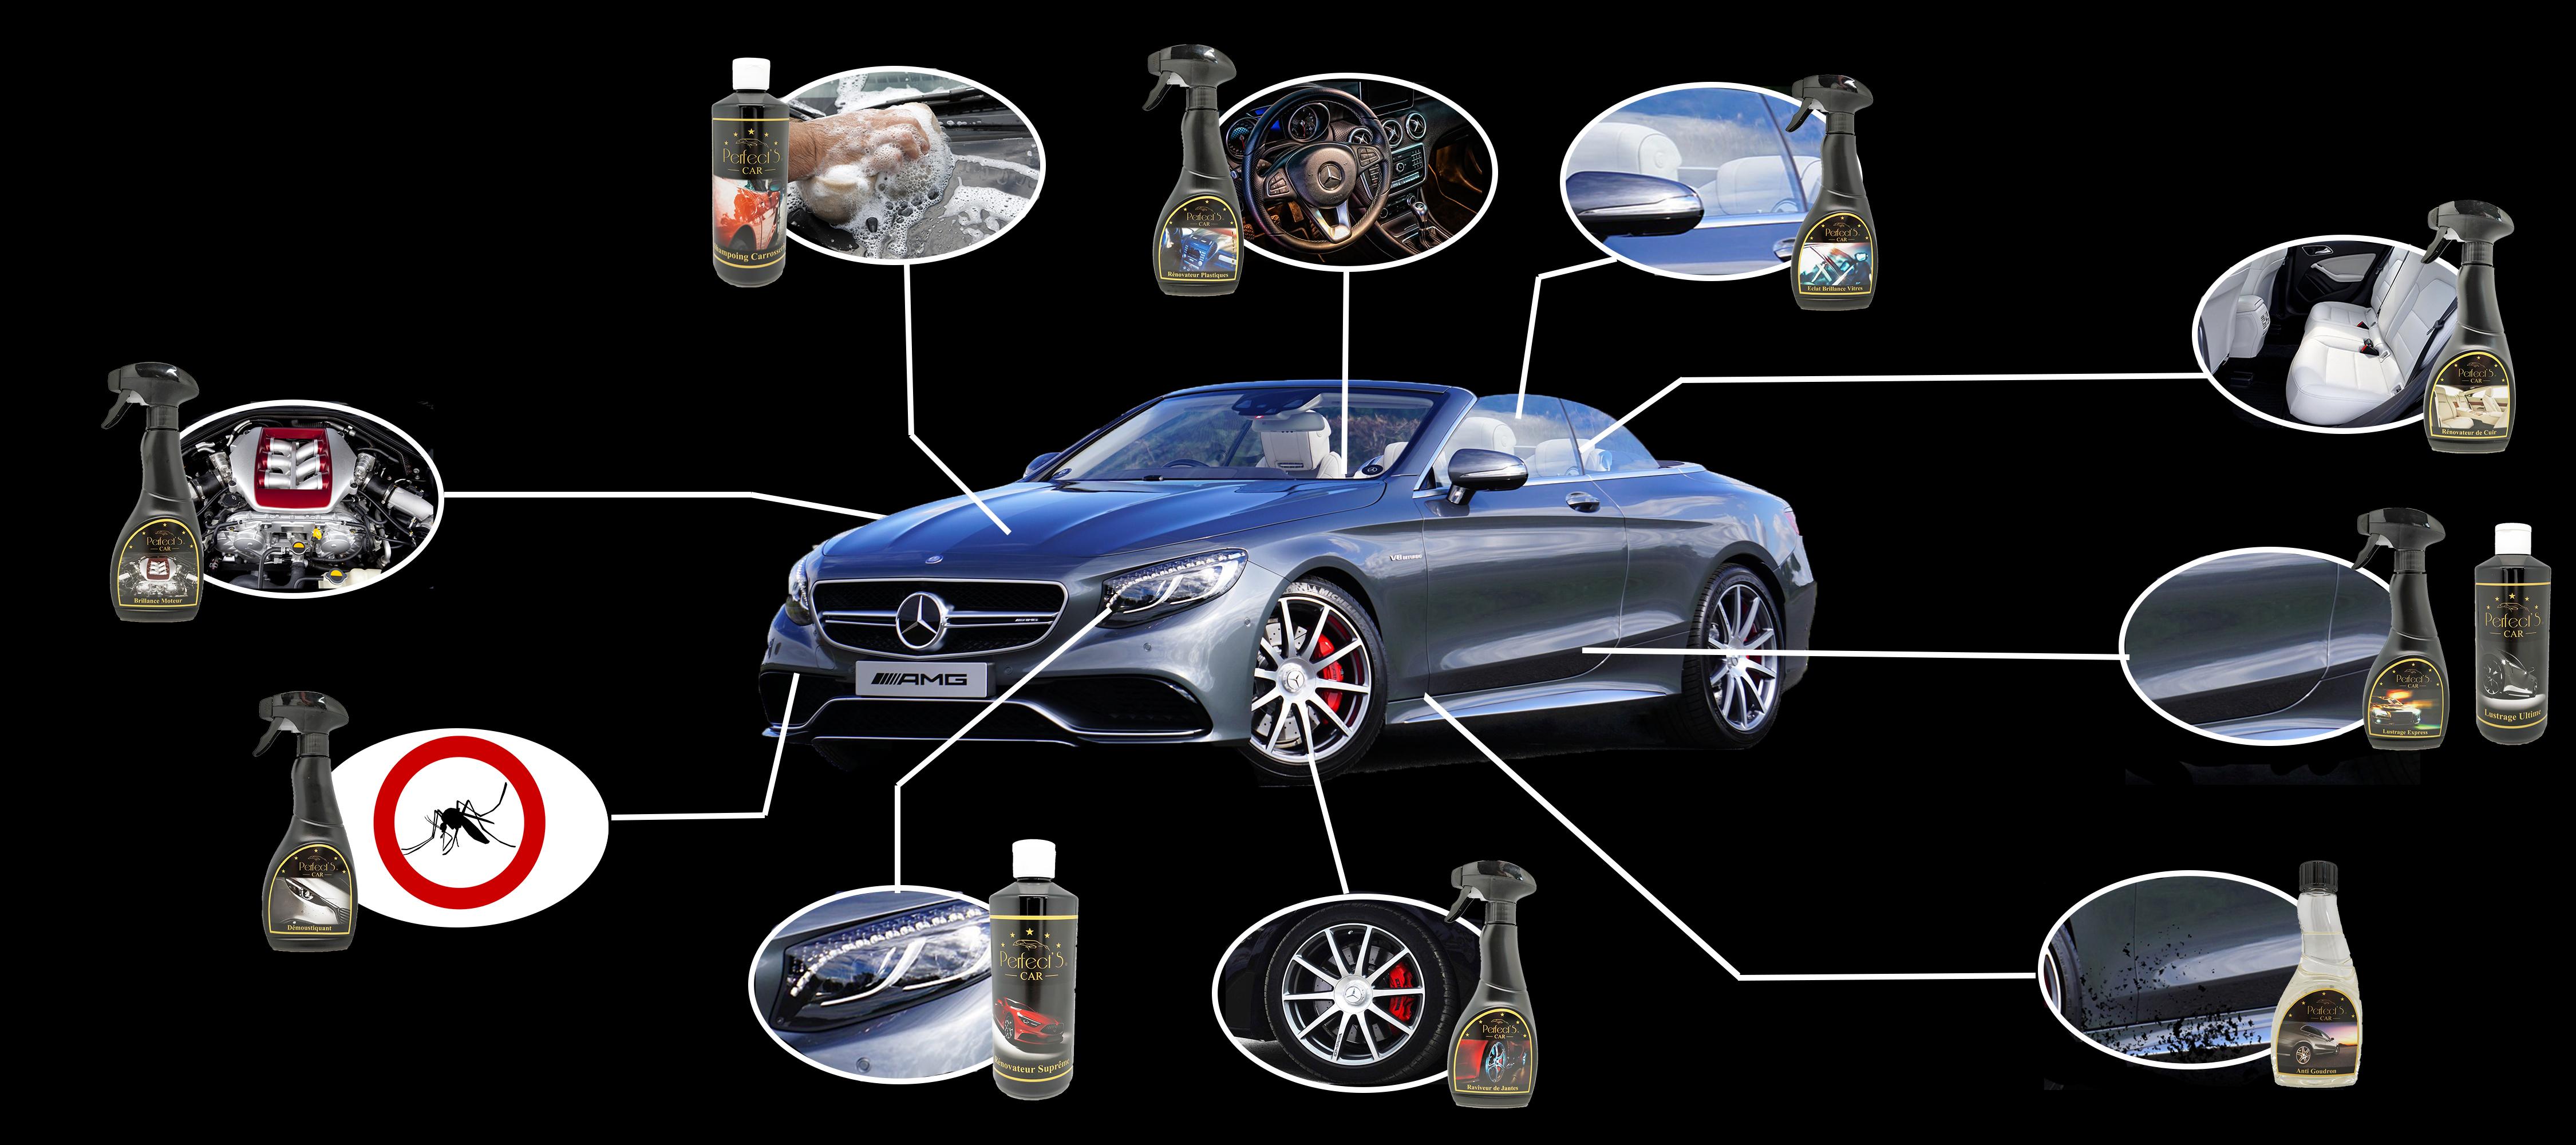 Comment Enlever Du Silicone Sur Carrosserie Comment Enlever Du Silicone Sur Une Carrosserie Perfect S Car